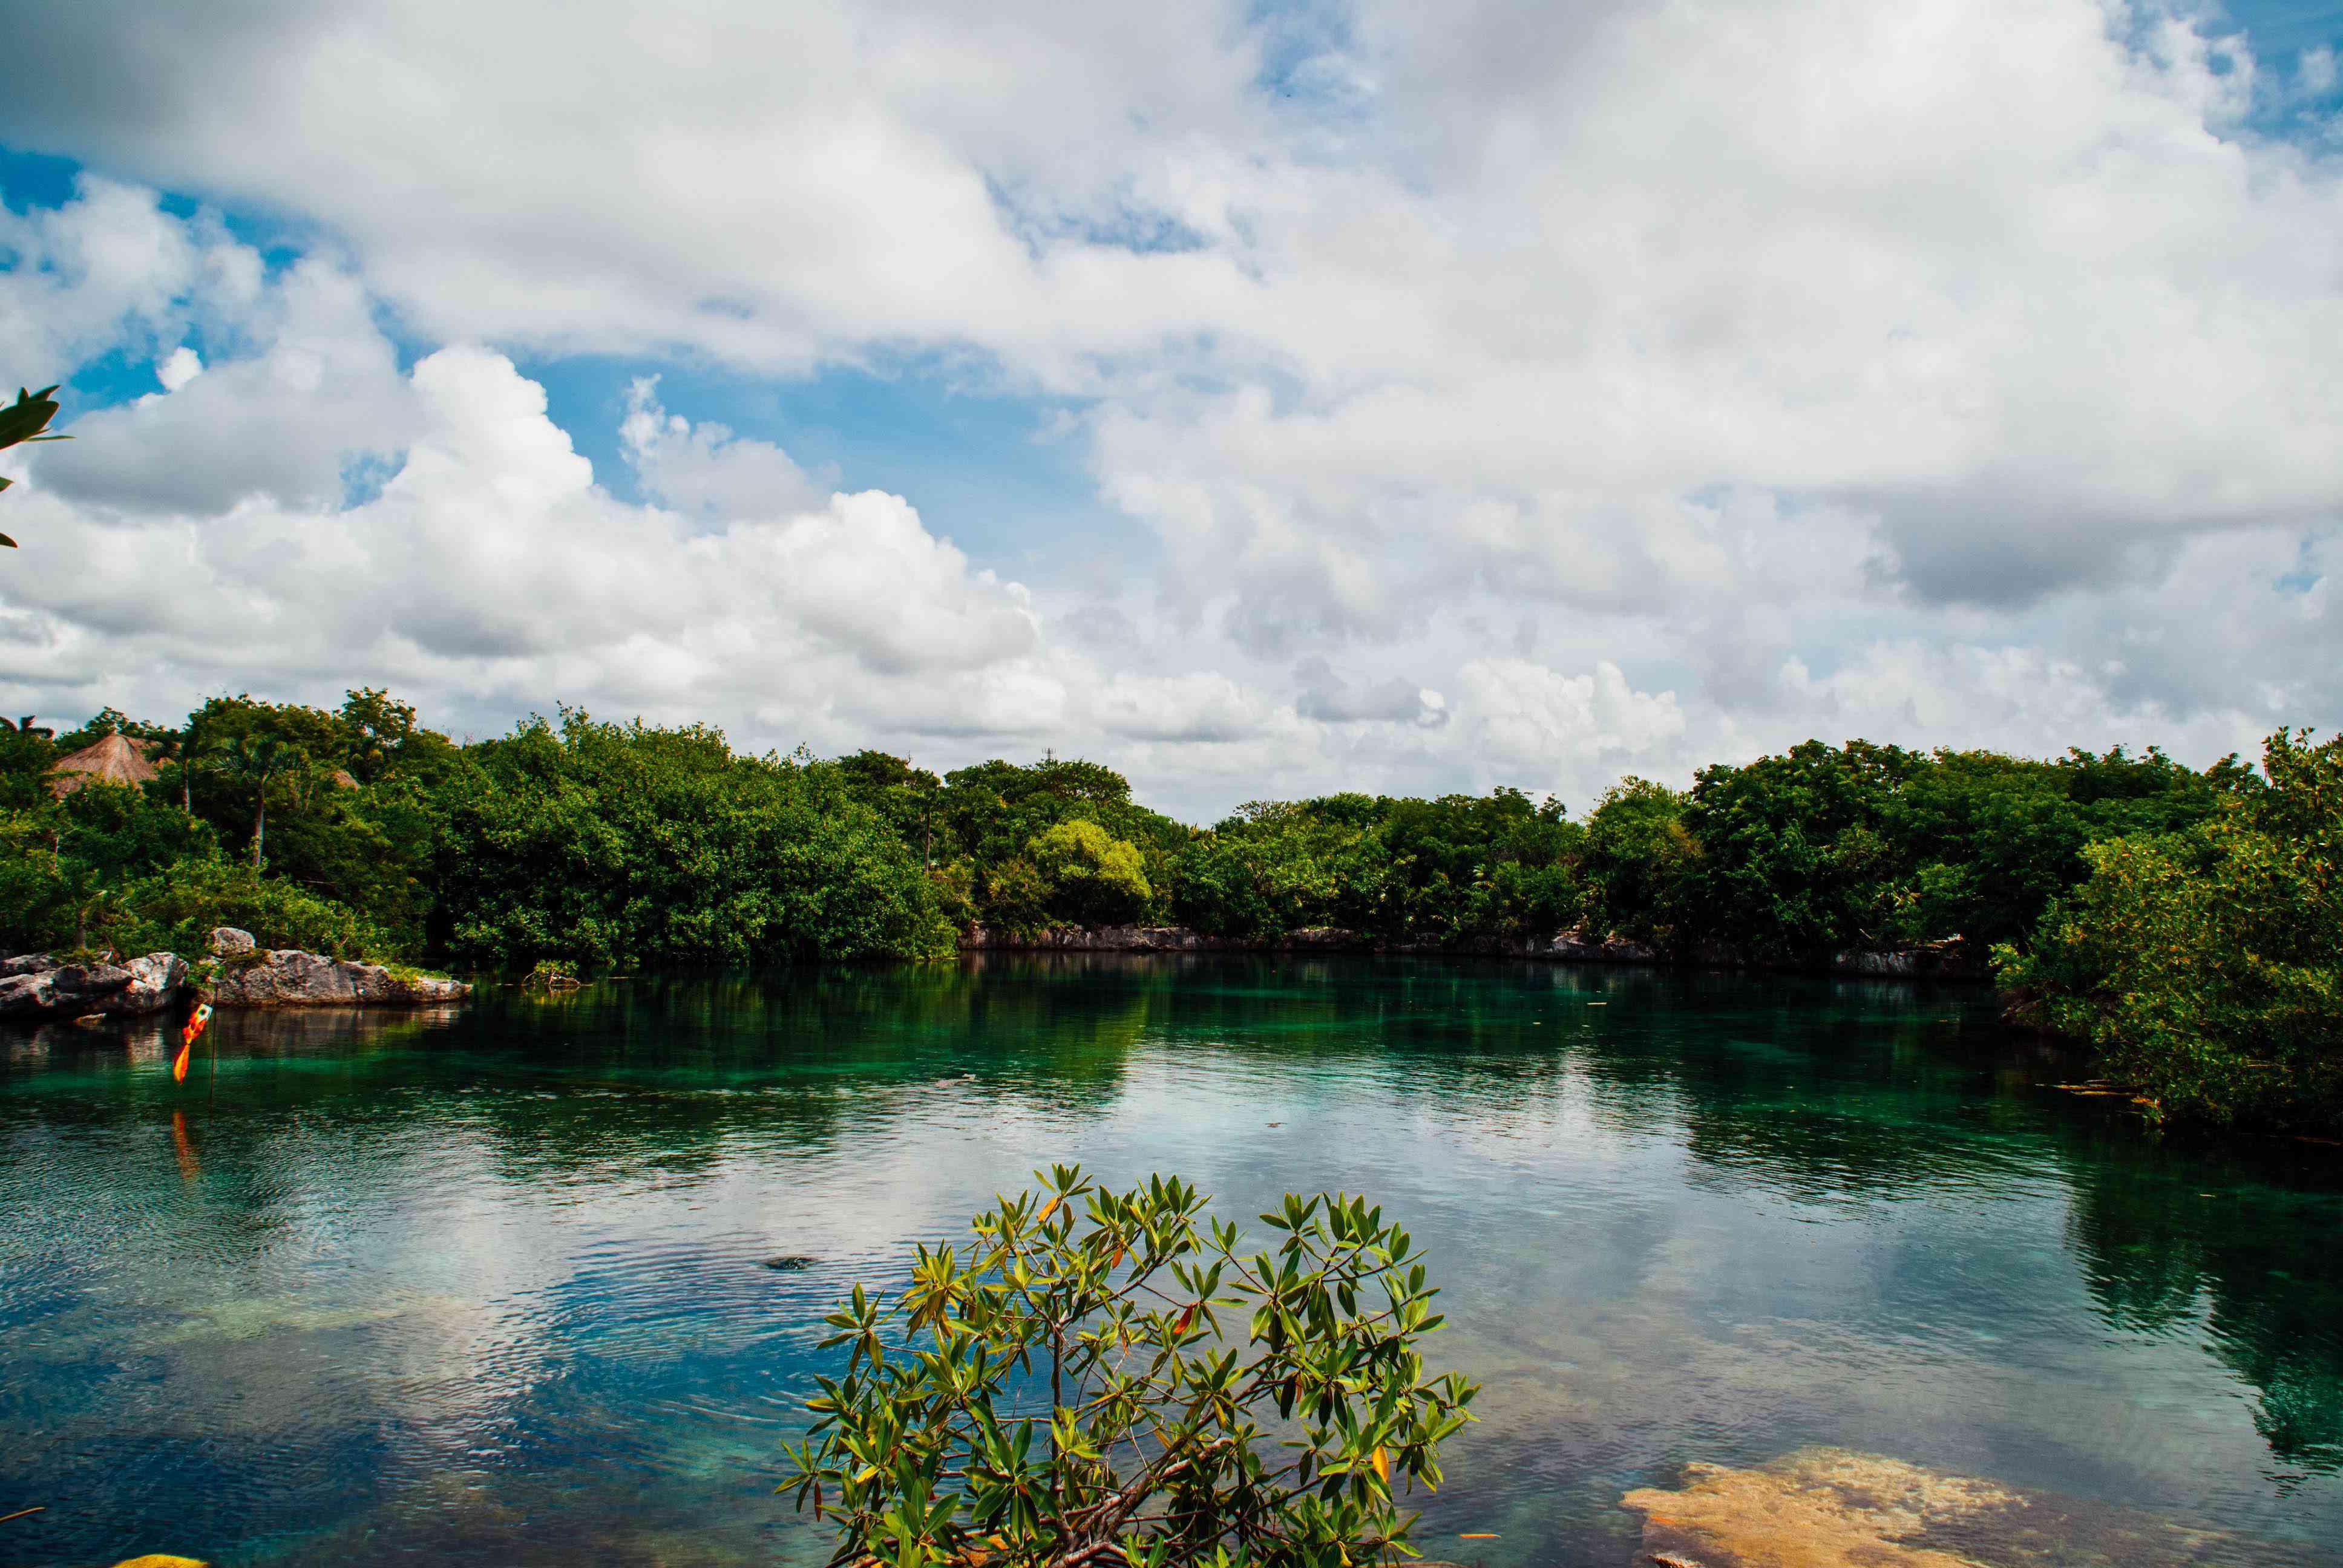 Lagoon in Xel-Ha, Mexico